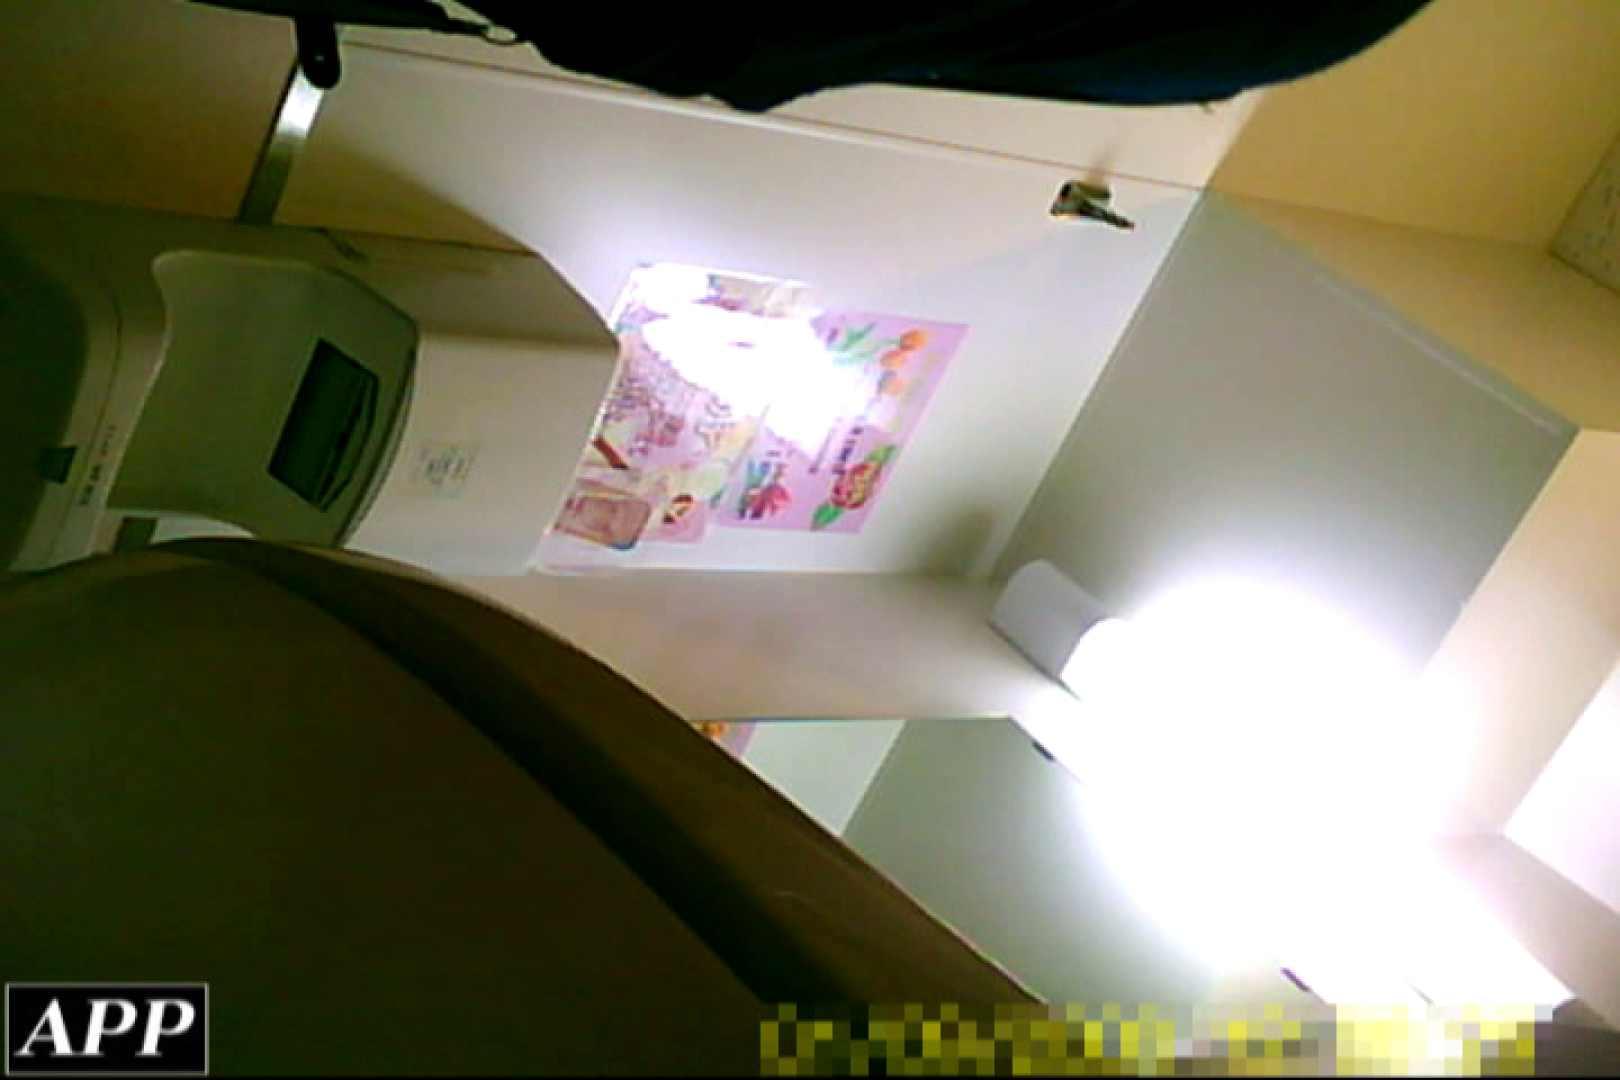 3視点洗面所 vol.124 たまらん肛門 おまんこ無修正動画無料 65連発 48